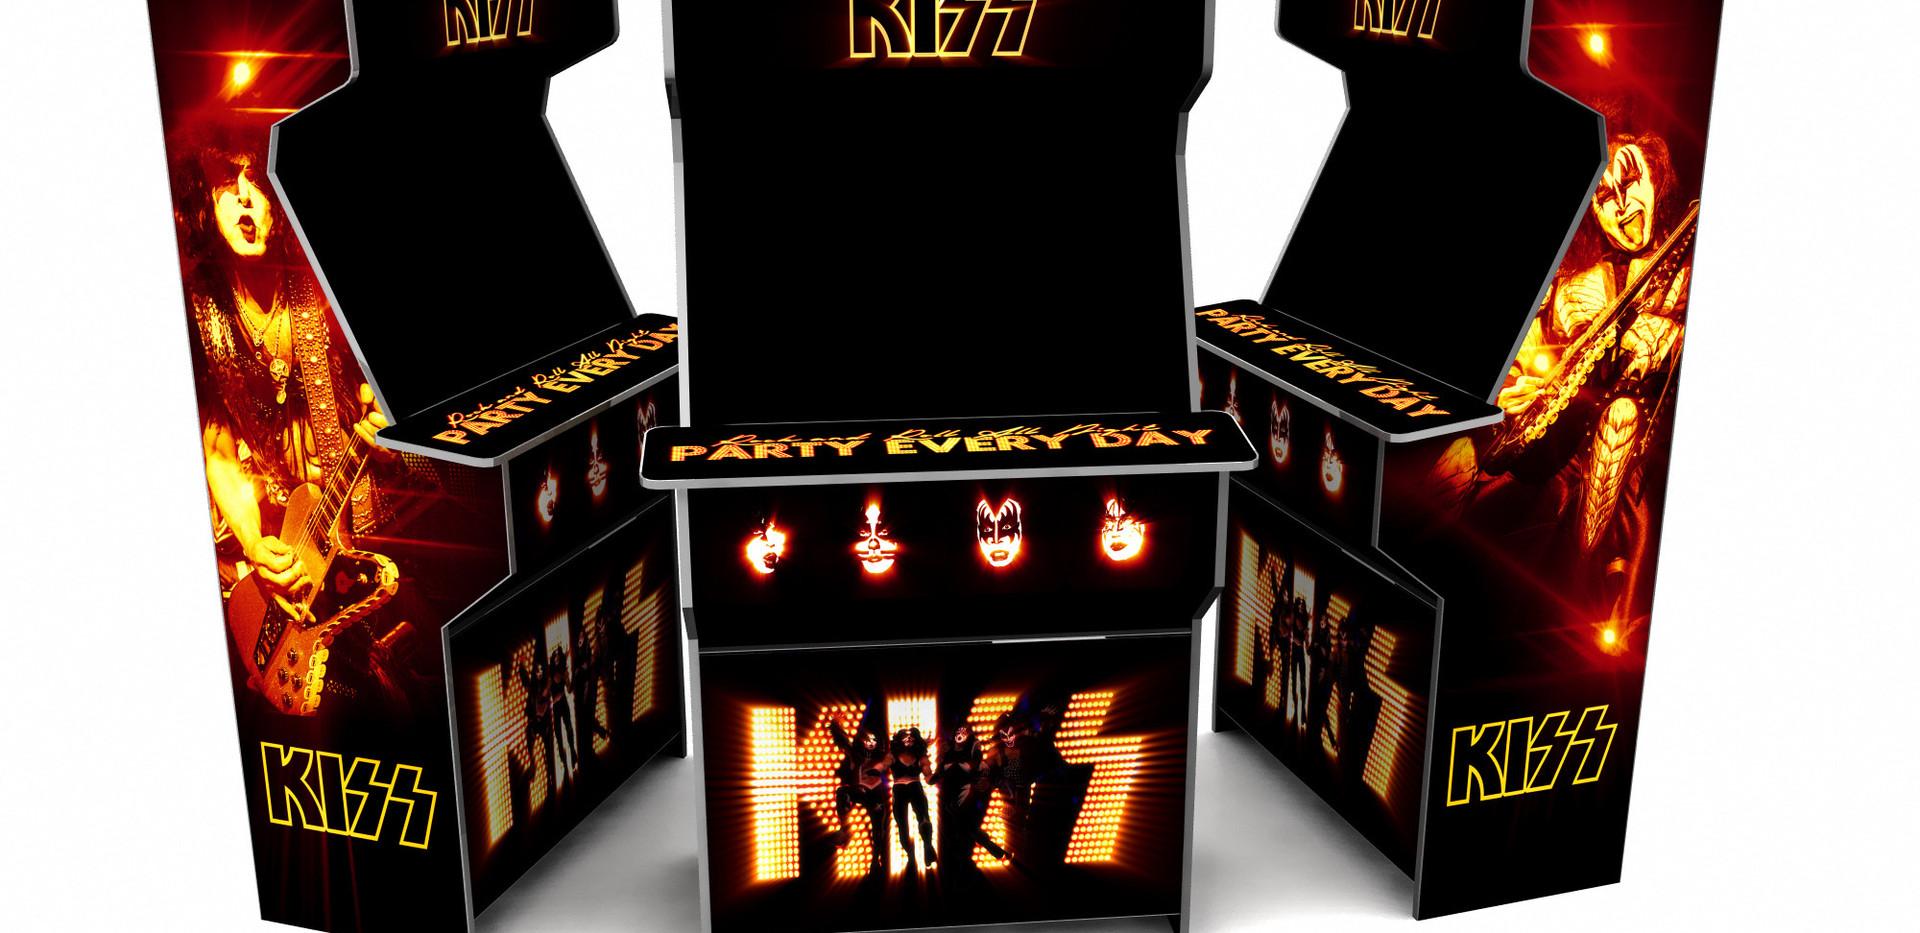 KISS Arcade machine